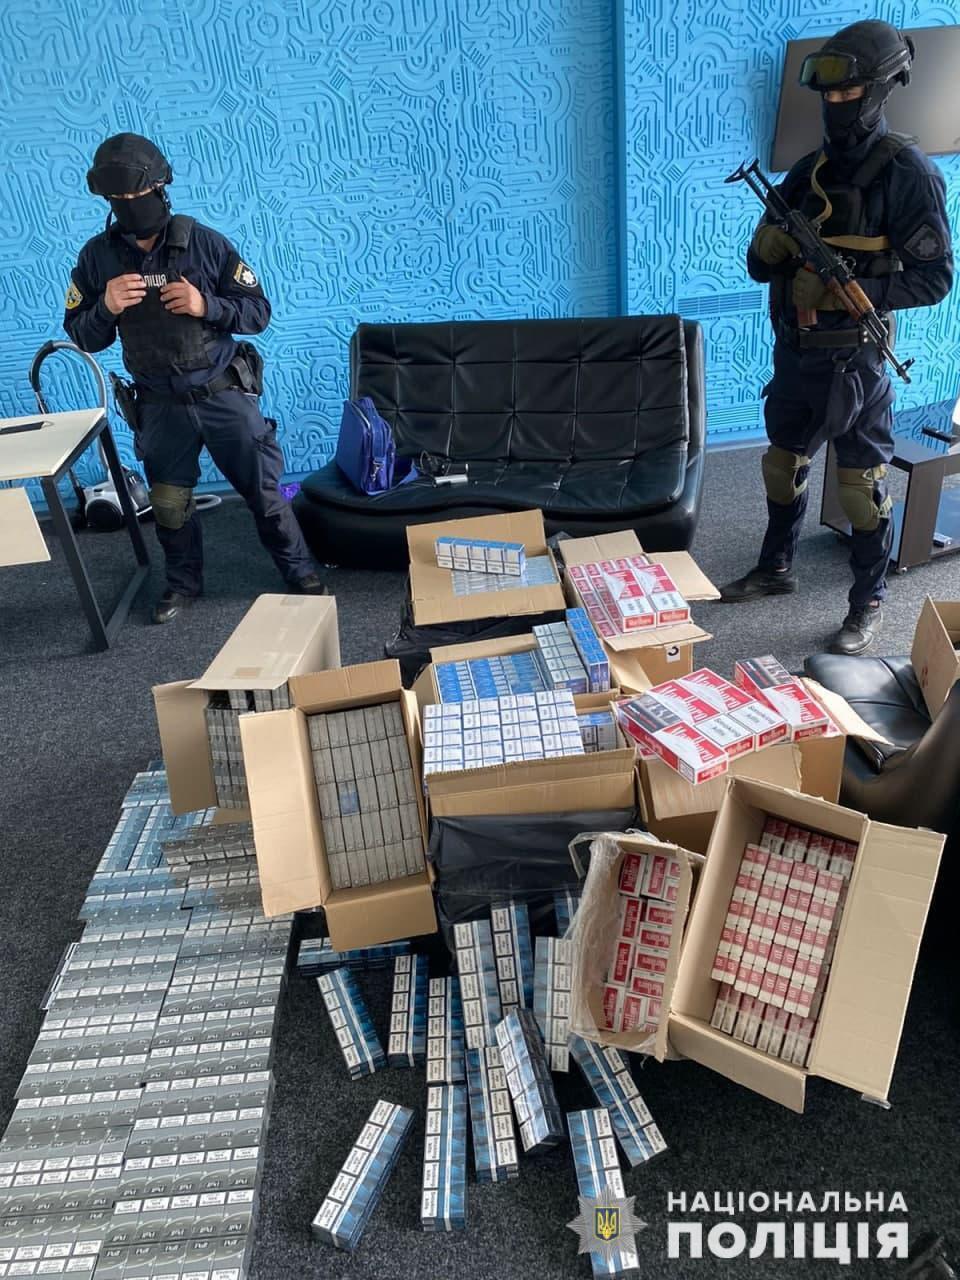 Полиция провела обыски у членов ОПГ